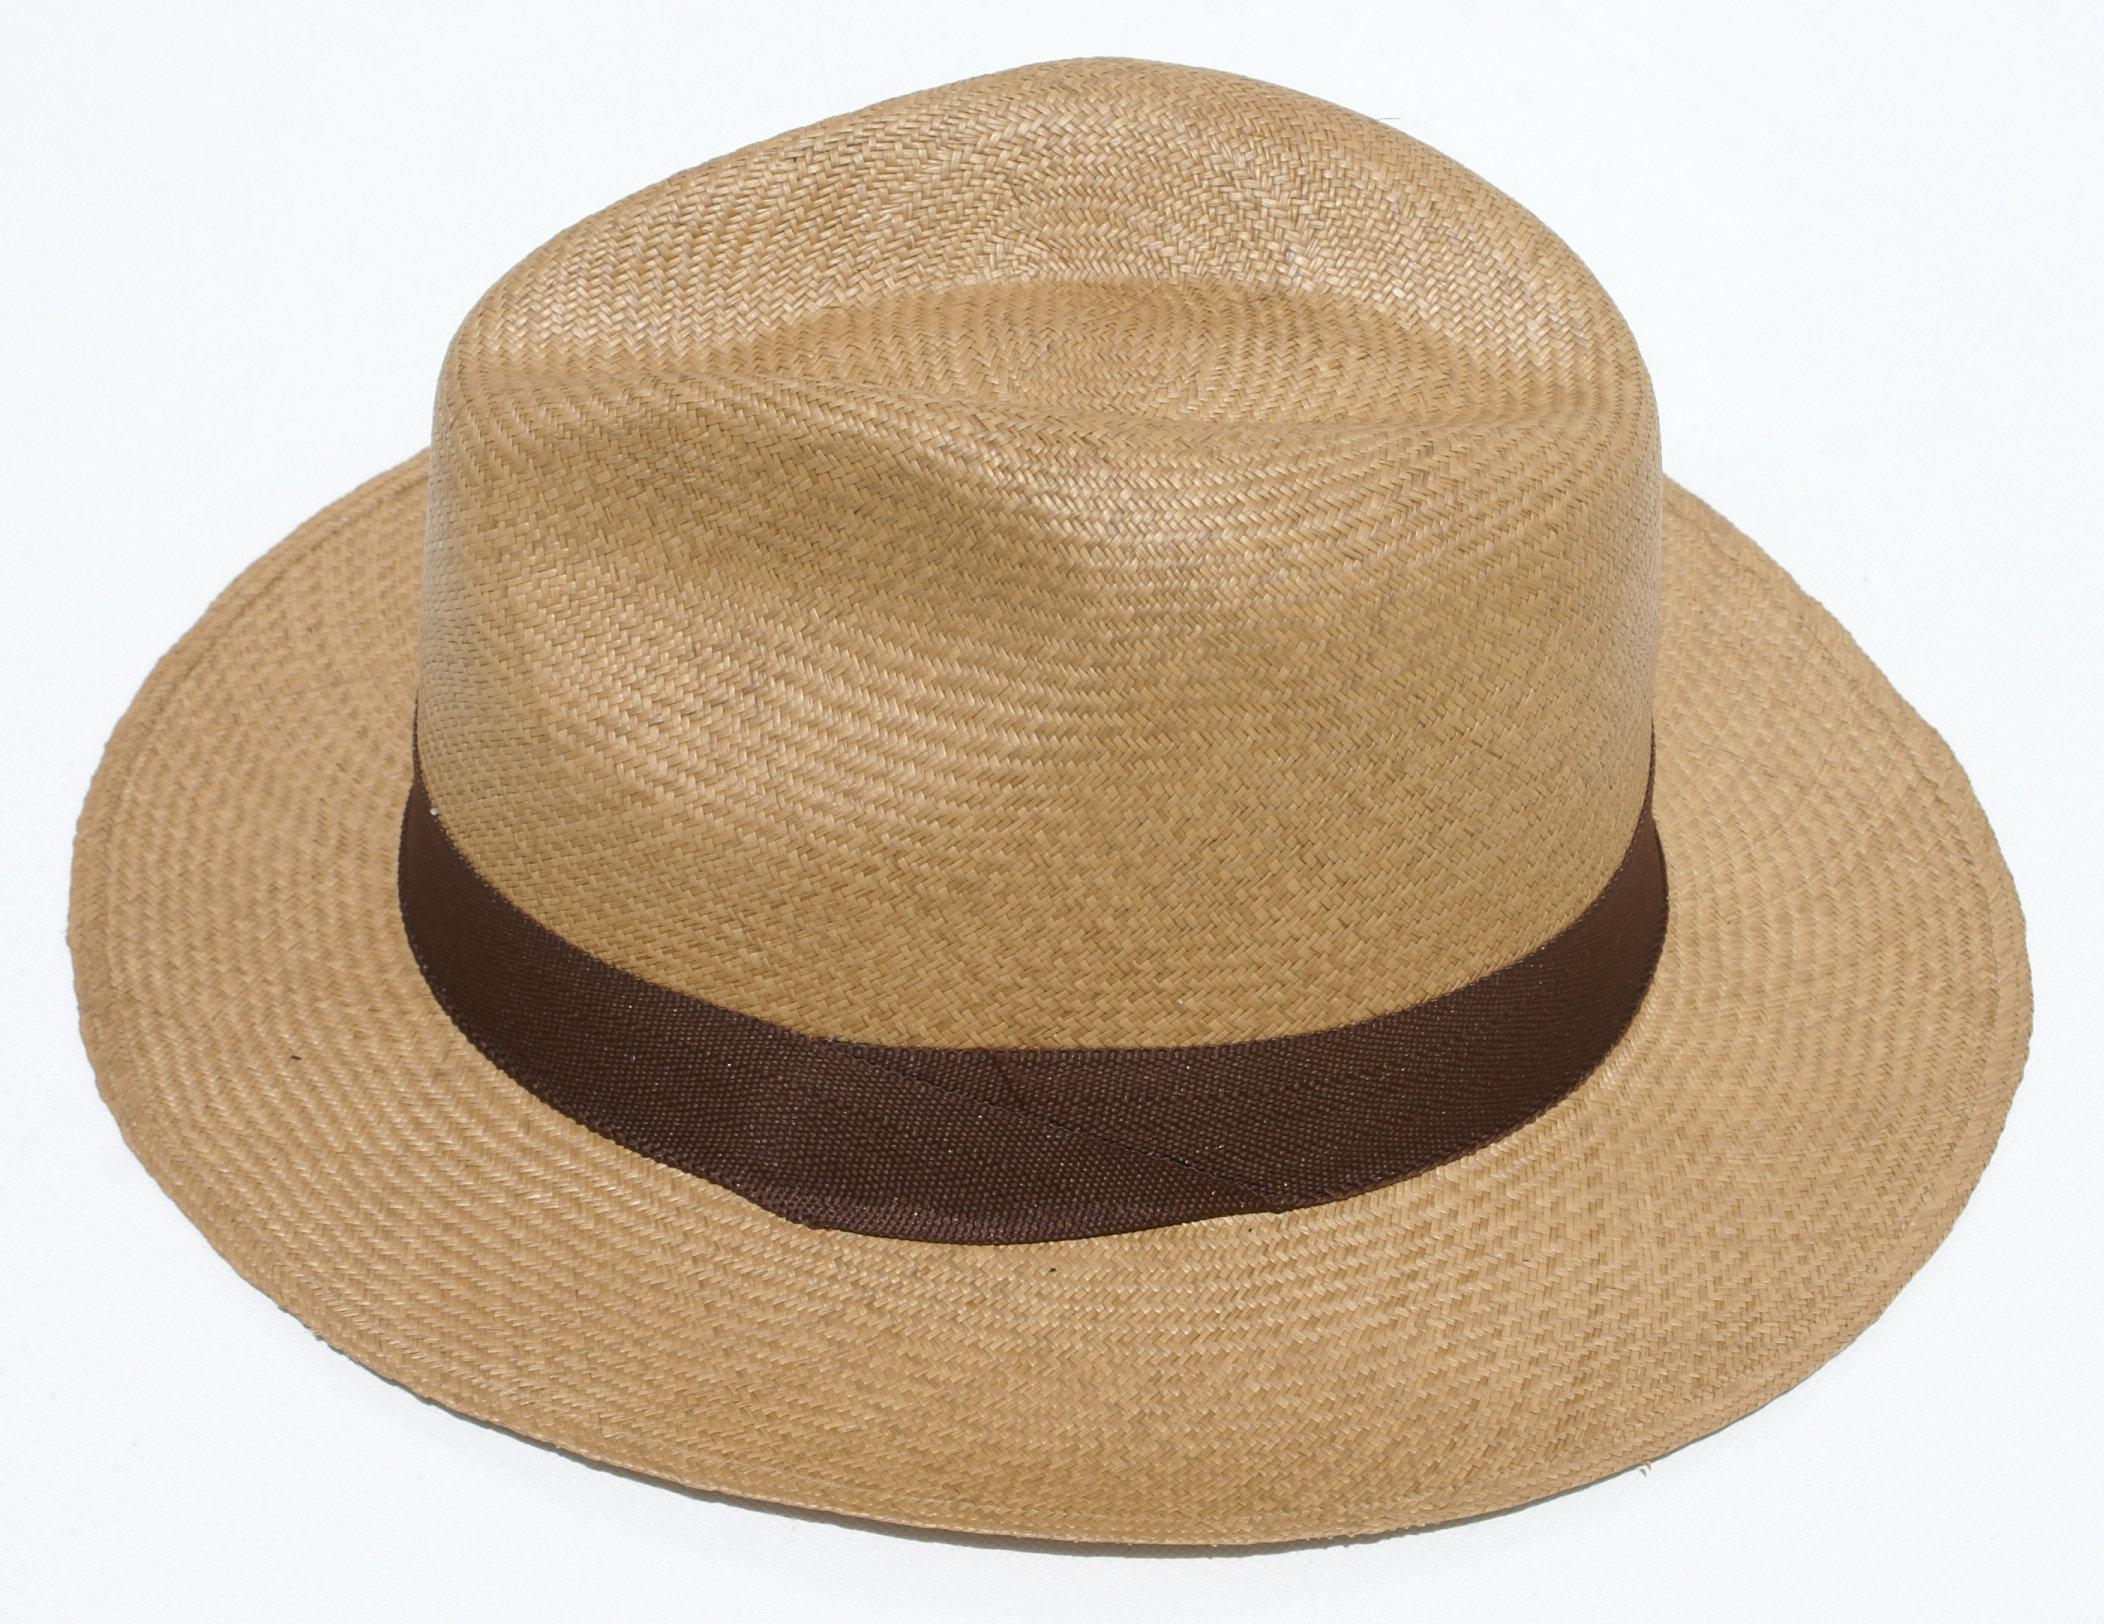 8a5fbba4816d5 ... sombrero cafe de cinta cafe